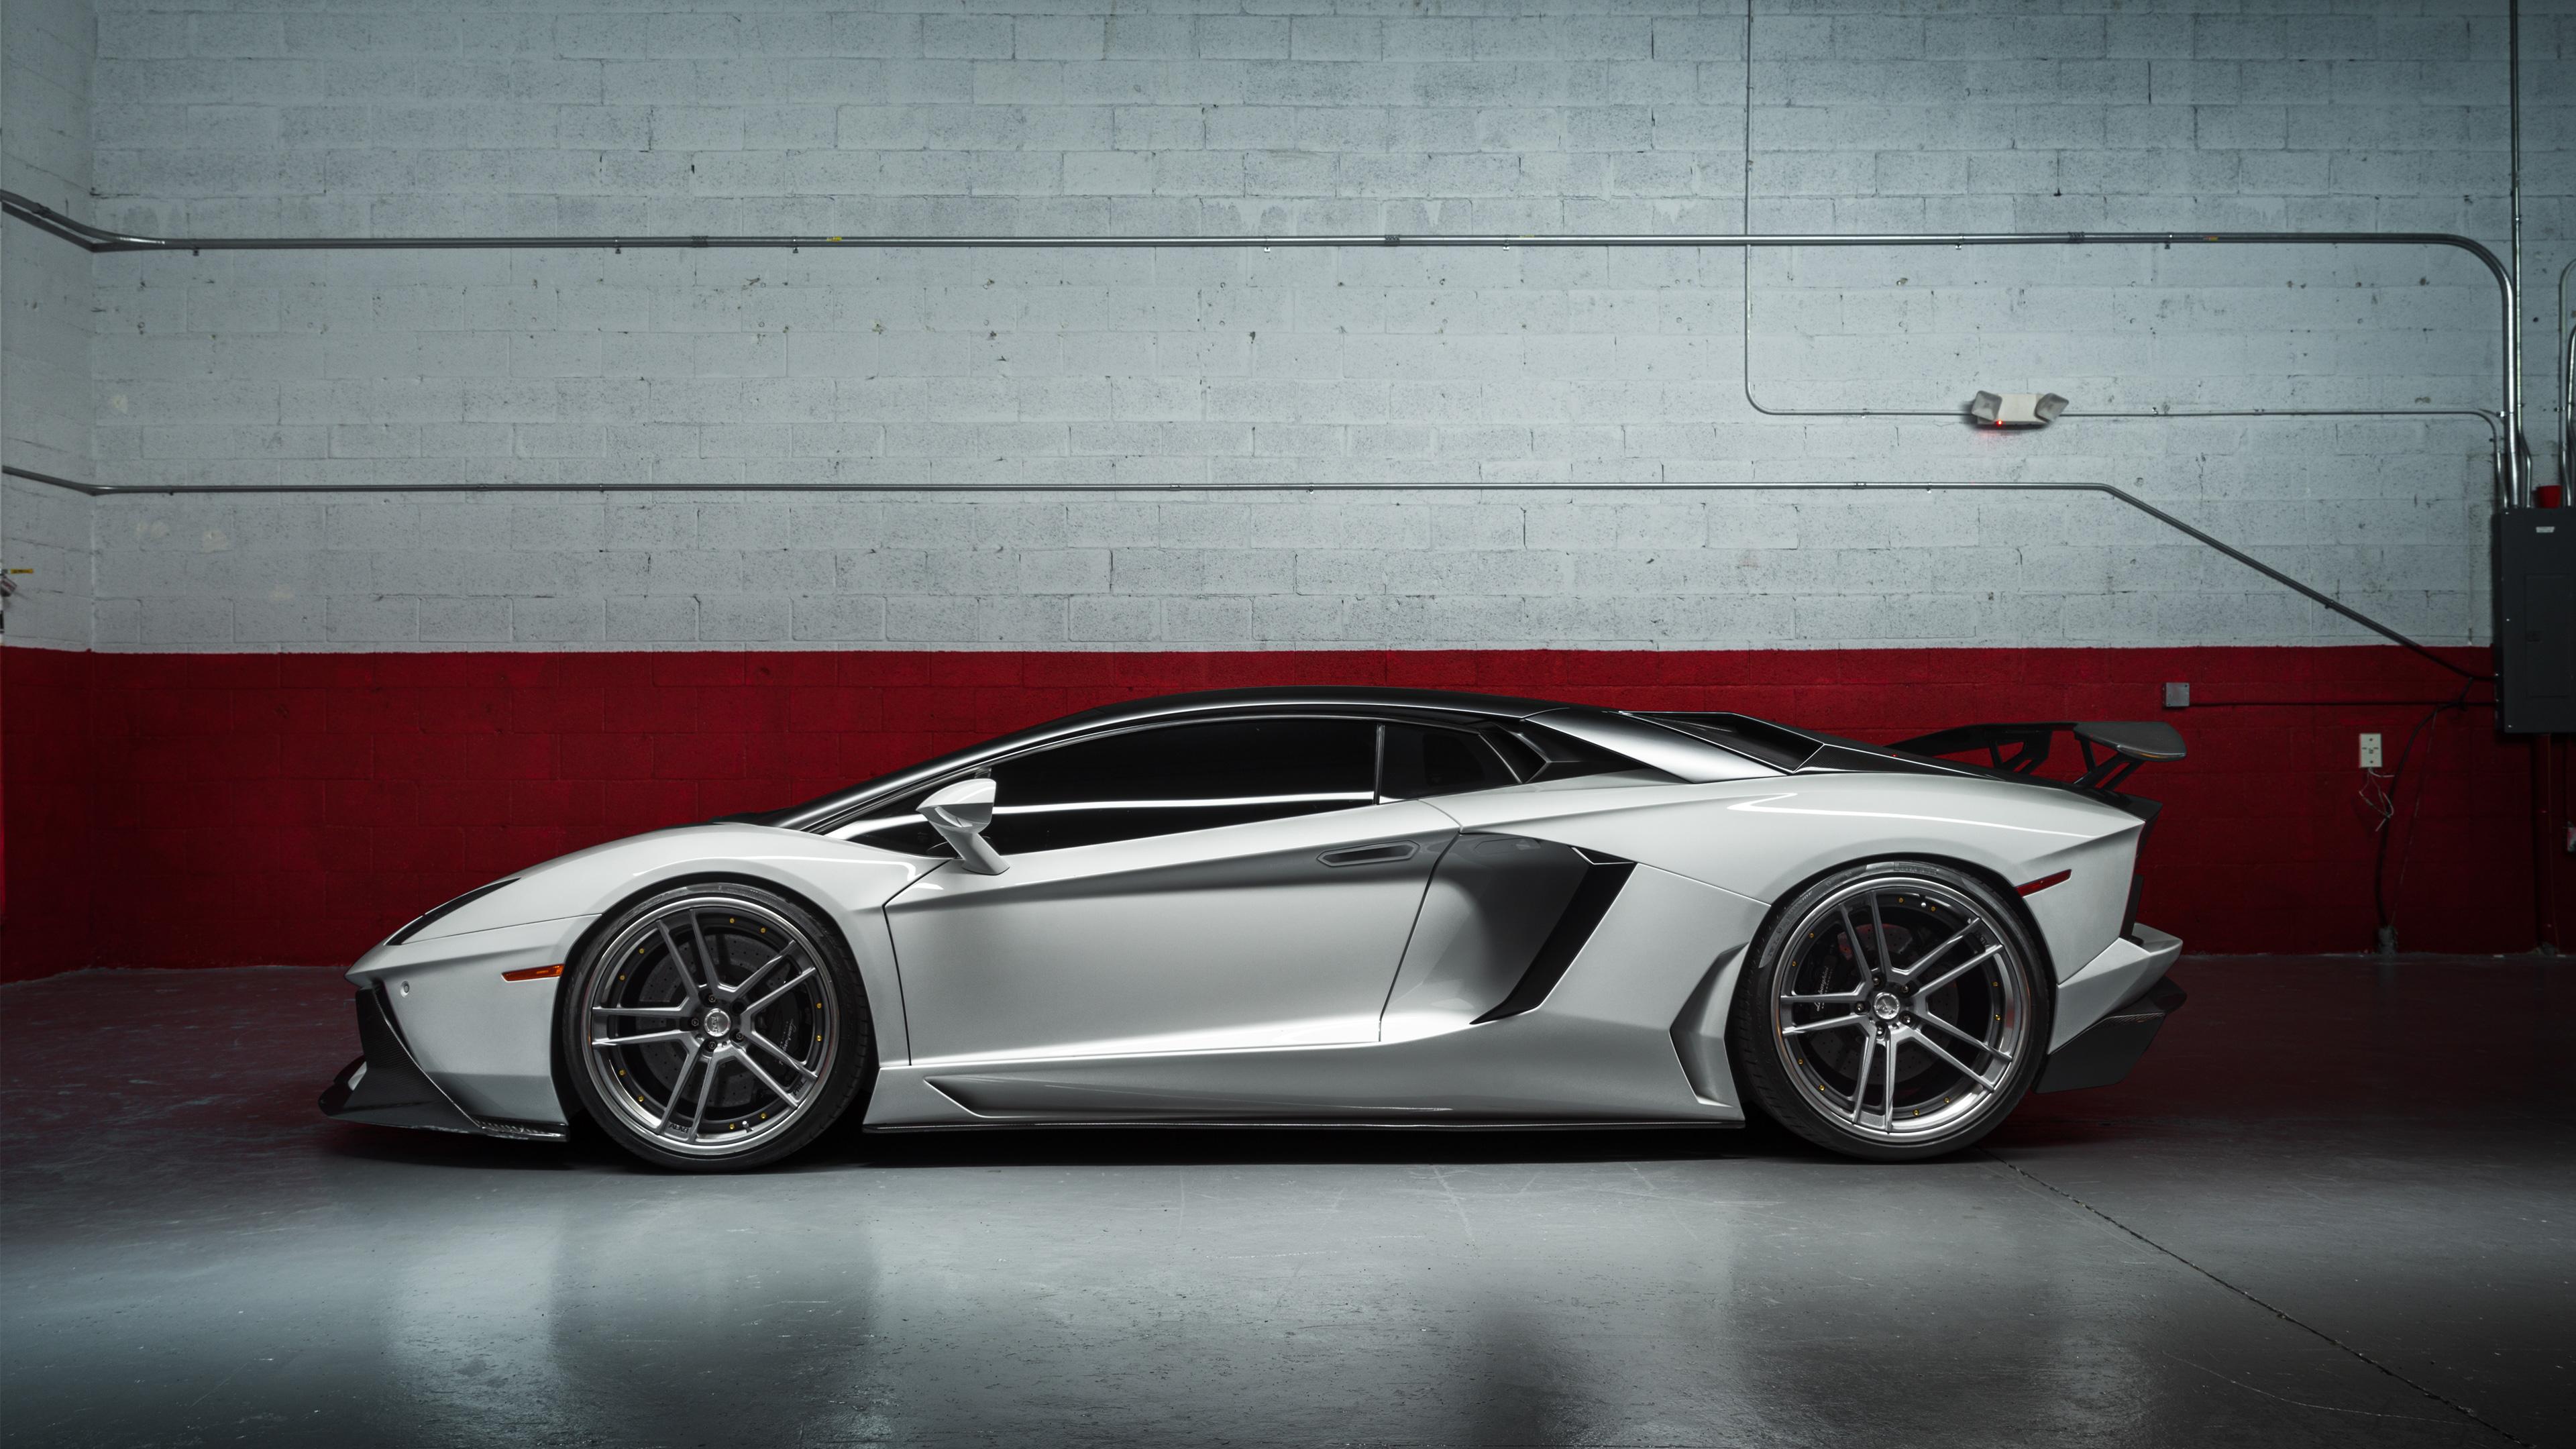 Adv1 Aventador Lamborghini Miami Wallpapers: ADV1 Lamborghini Aventador LP 4K Wallpaper